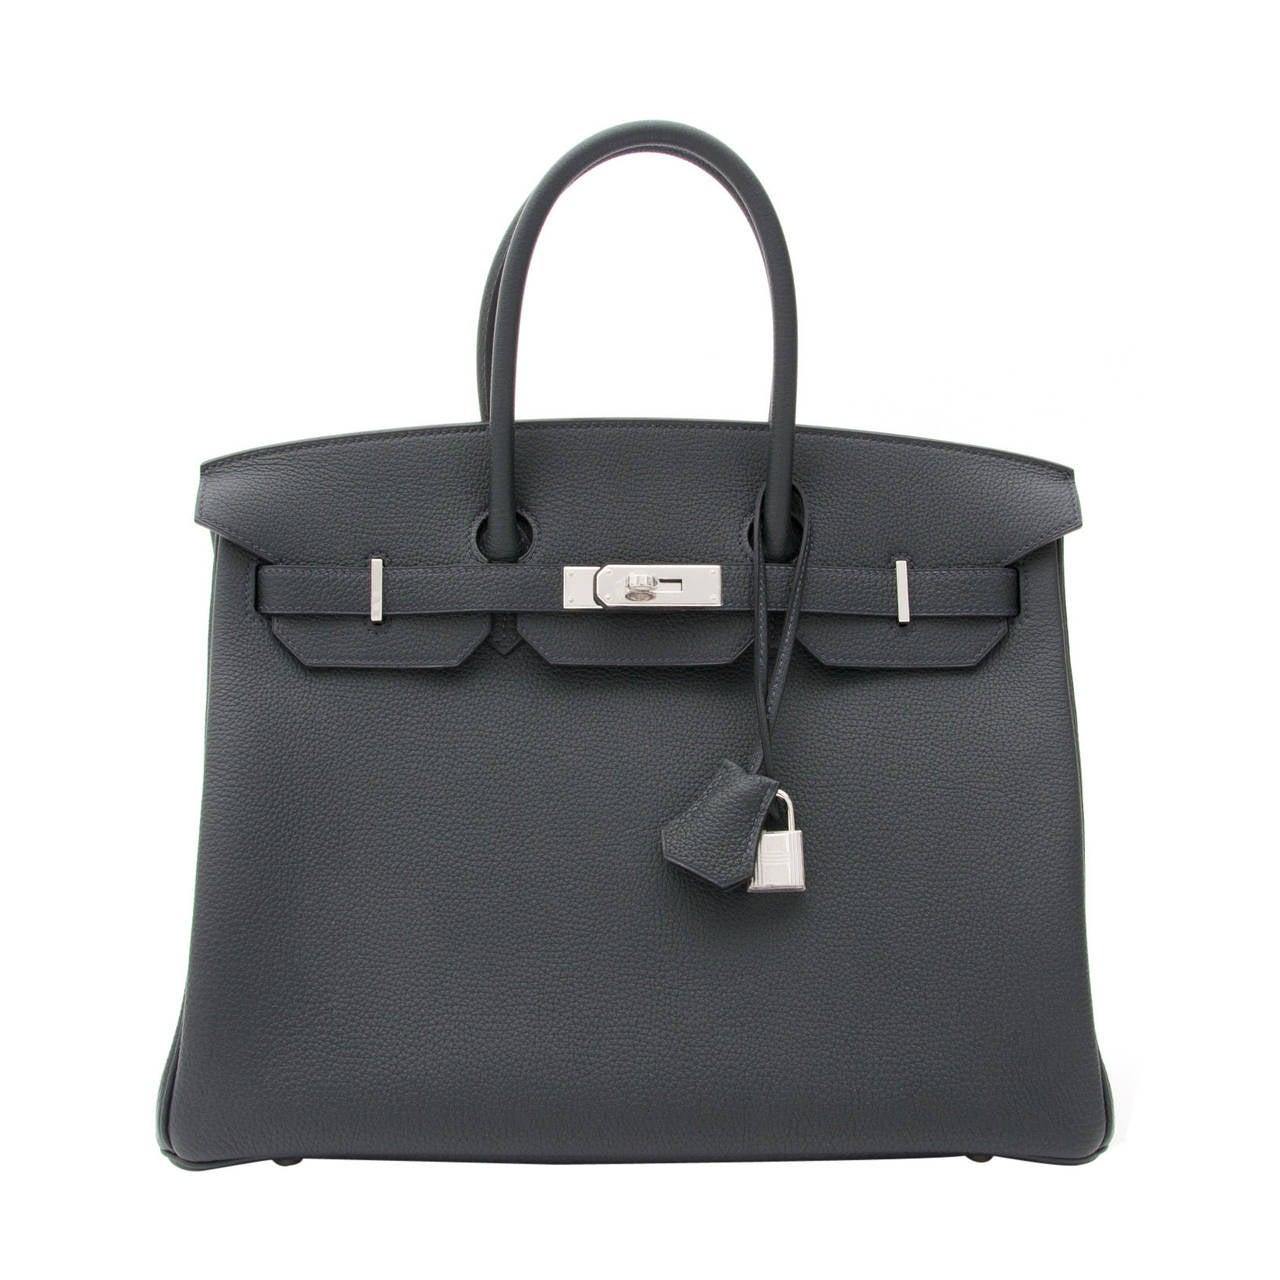 293b4468f6e4 BRAND NEW Hermès Birkin 35 Togo PHW Blue Océan at 1stdibs